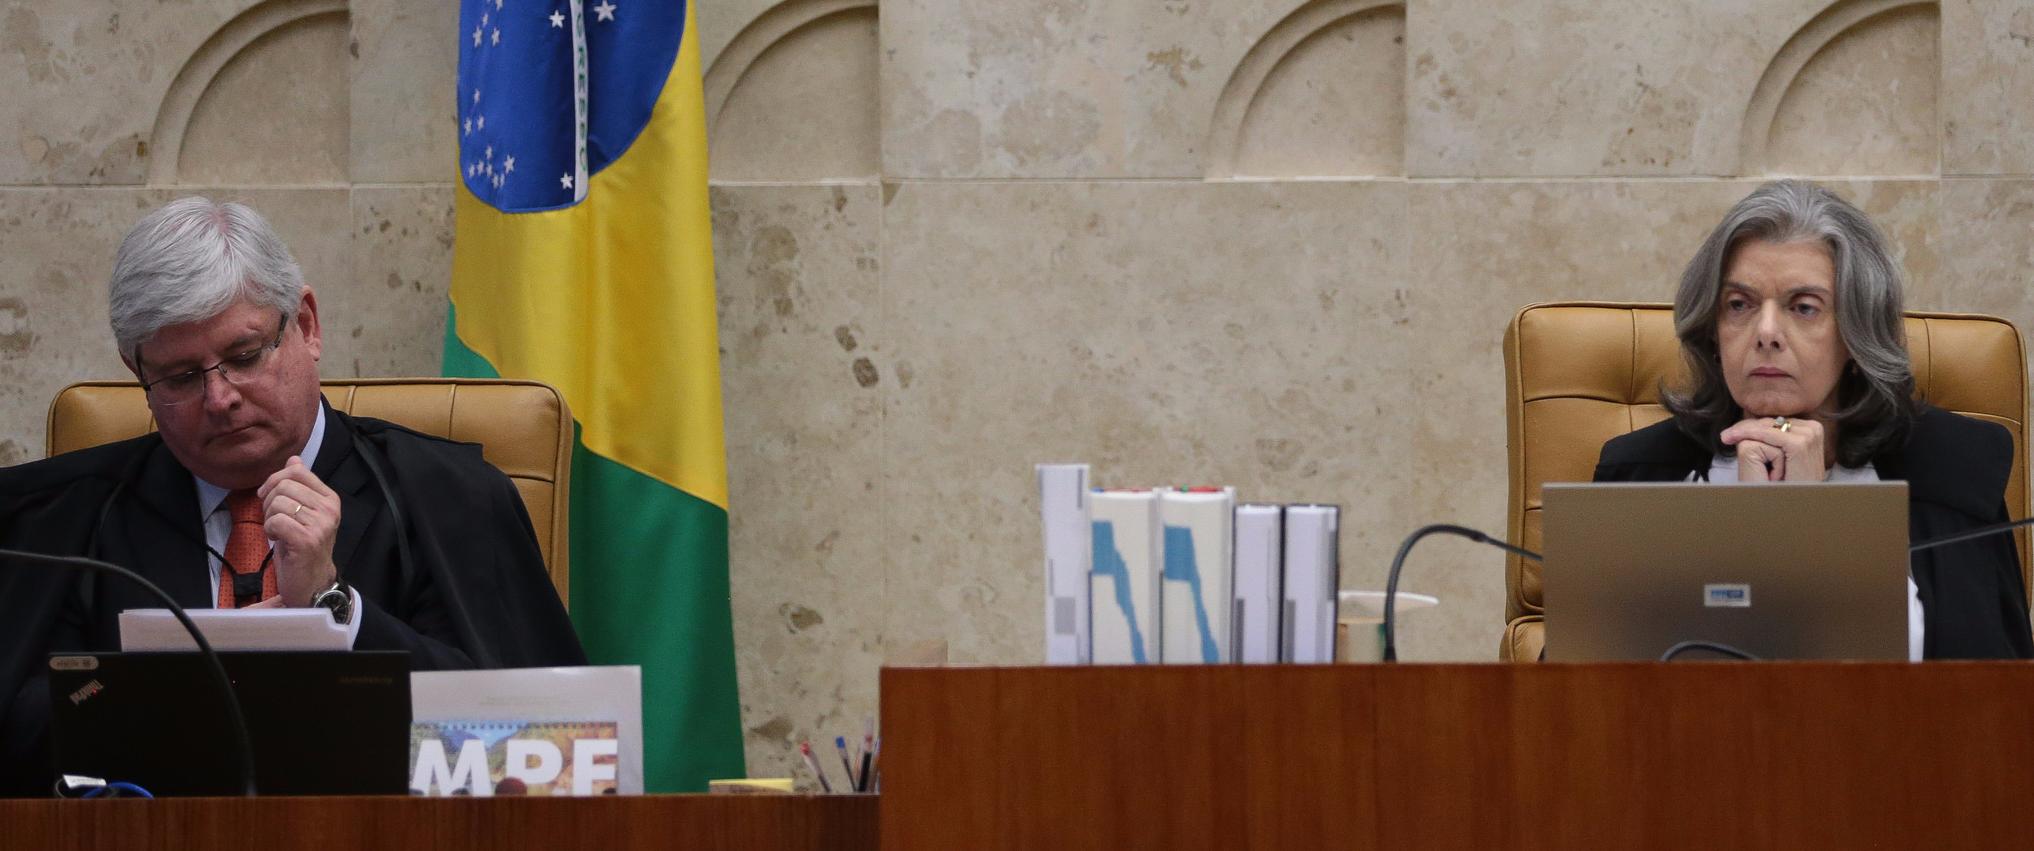 Rodrigo Janot e ministra Cármen Lúcia estão em seminário sobre direito ao esquecimento em Brasília